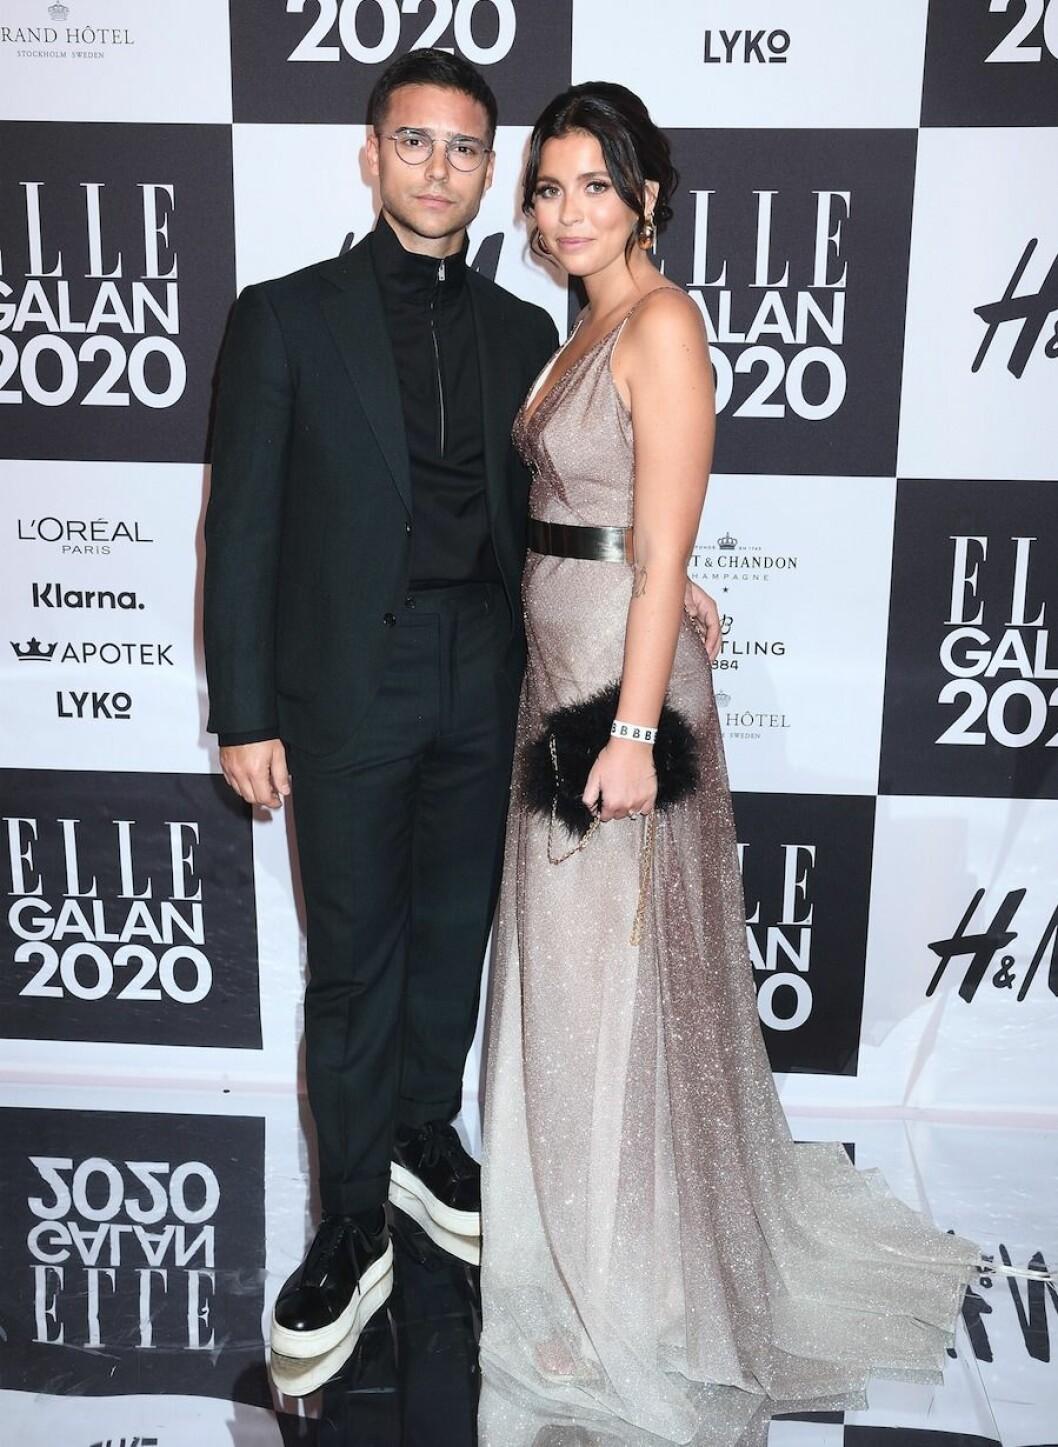 Eric Saade och Nicole Falciani uppklädda på ELLE-galans röda matta 2020